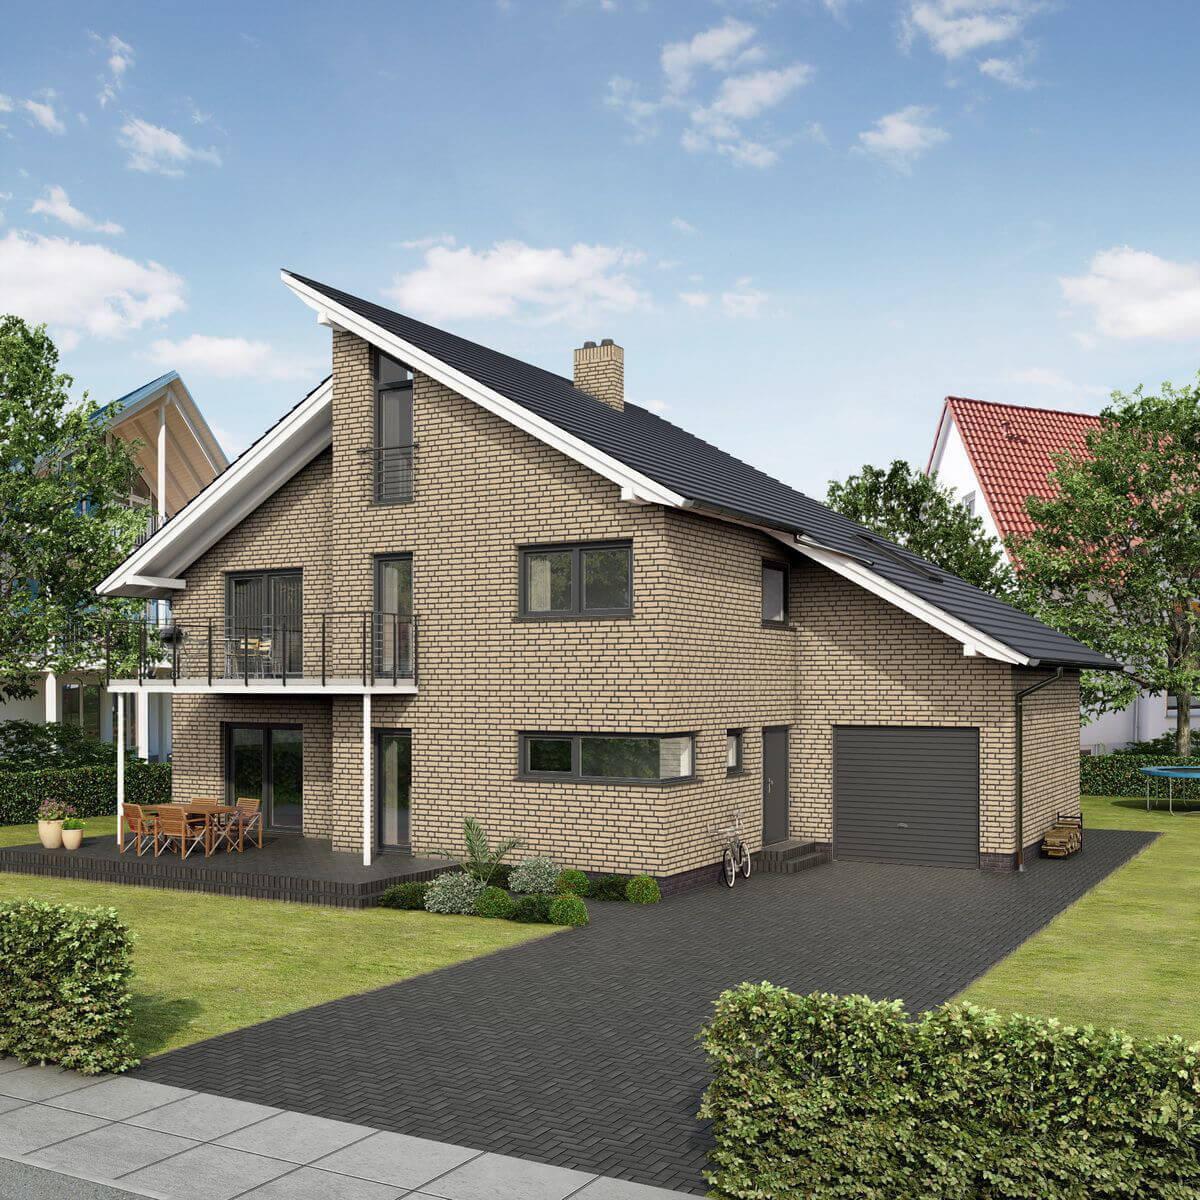 Feldhaus Klinker - R691NF14, Sintra Perla, 240x14x71 - Клинкерная плитка для фасада и внутренней отделки